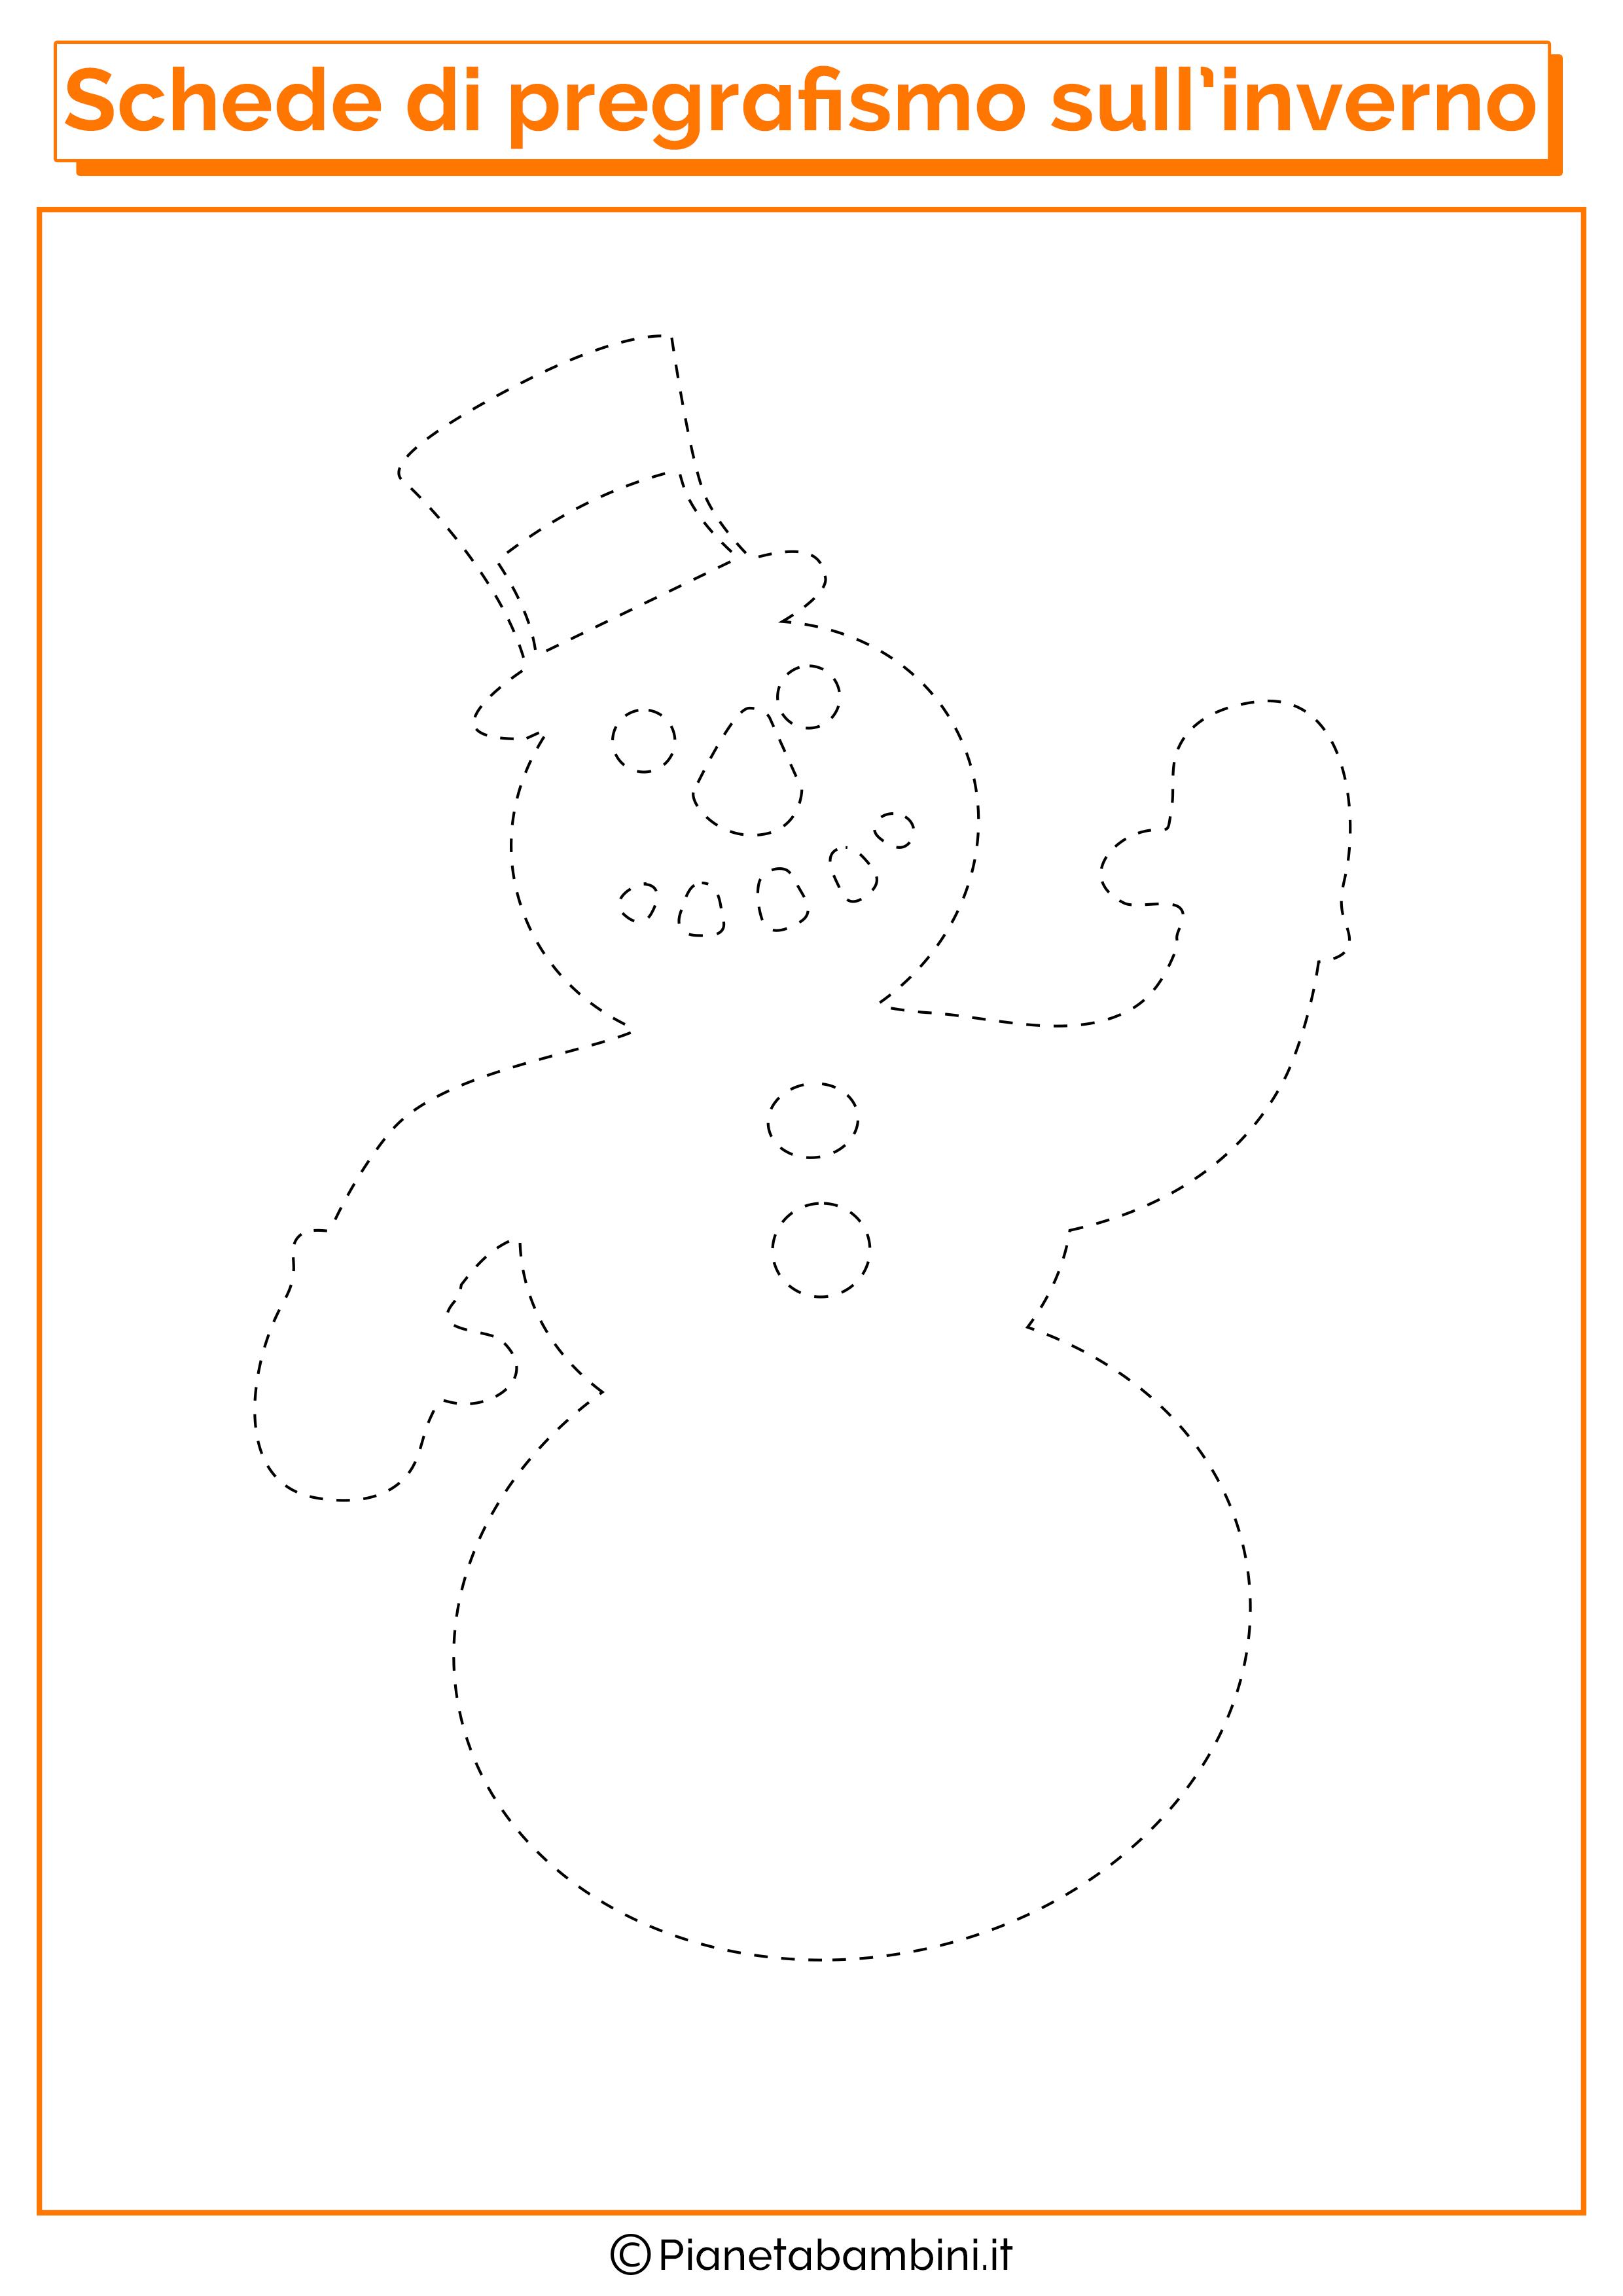 Pupazzo Di Neve >> Schede di Pregrafismo sull'Inverno per la Scuola dell'Infanzia | PianetaBambini.it